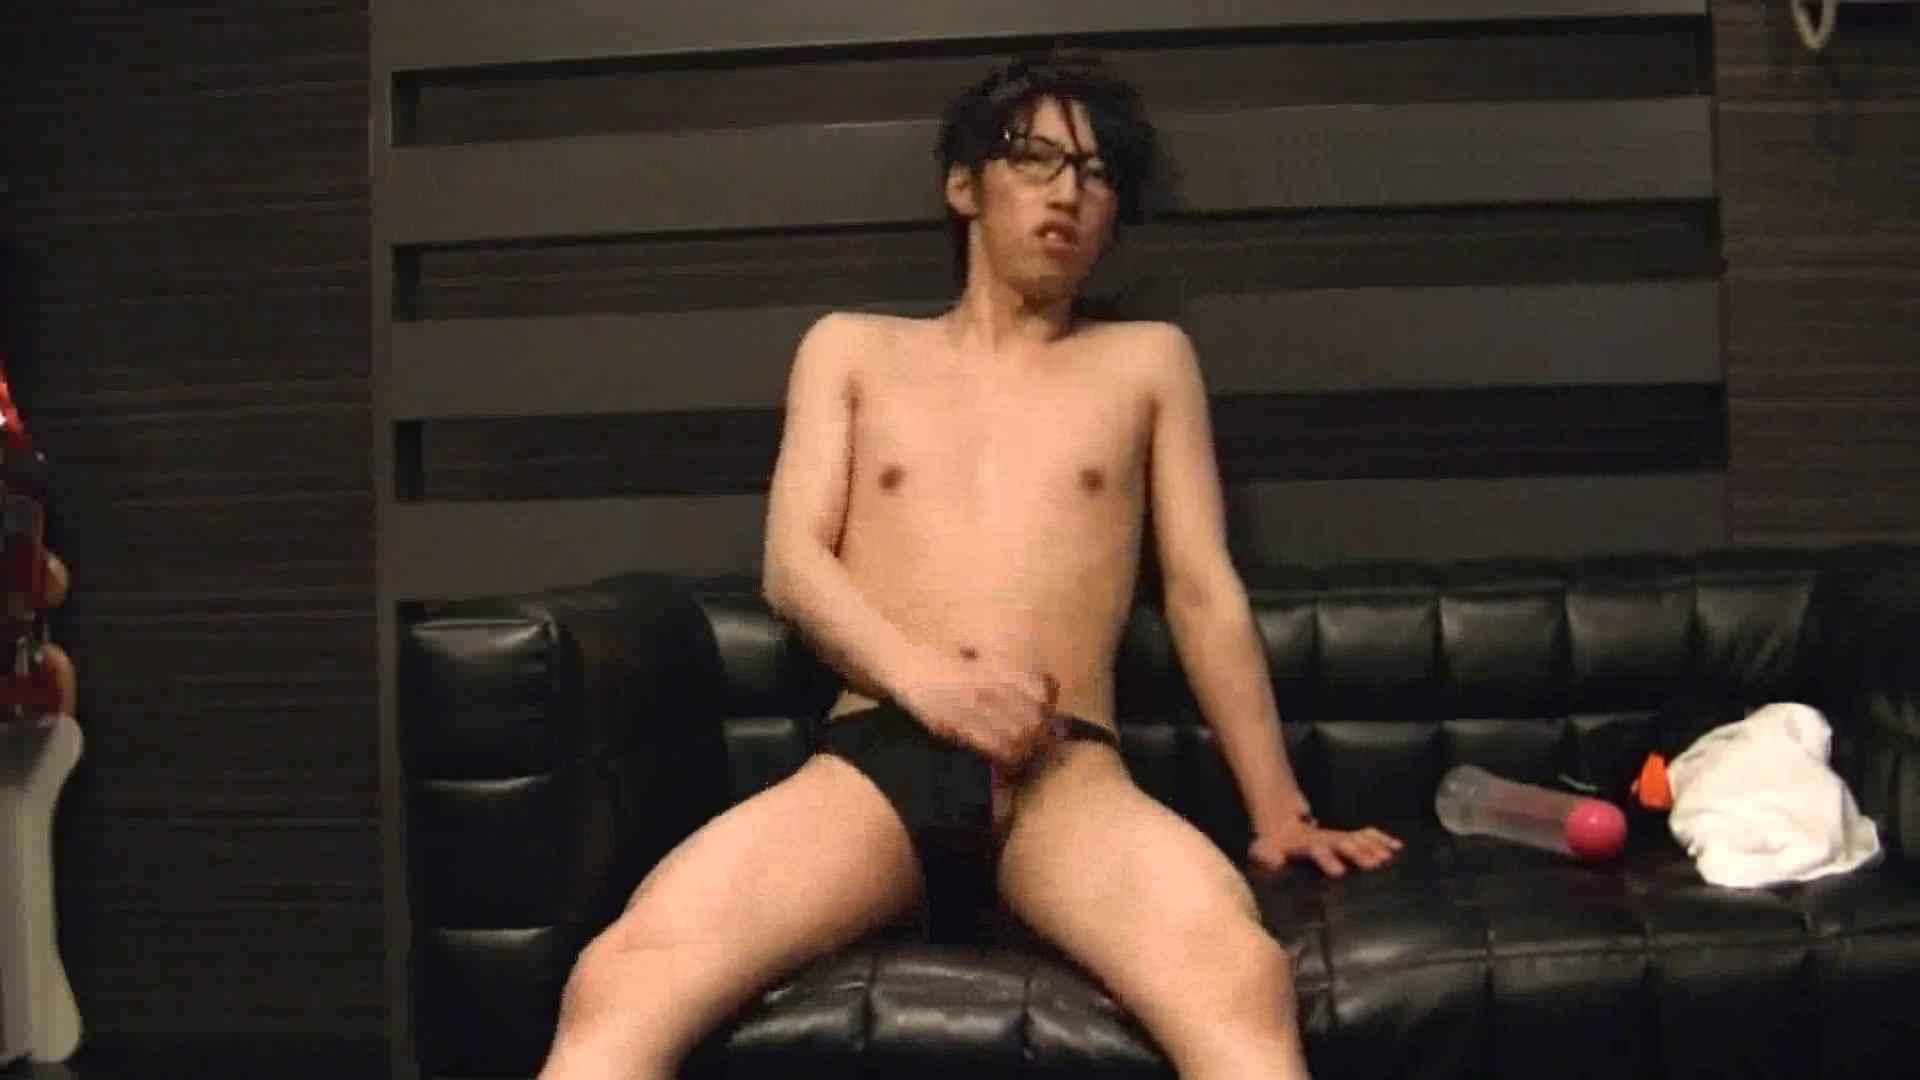 ONA見せカーニバル!! Vol3 男の世界 | オナニー専門男子  98画像 63